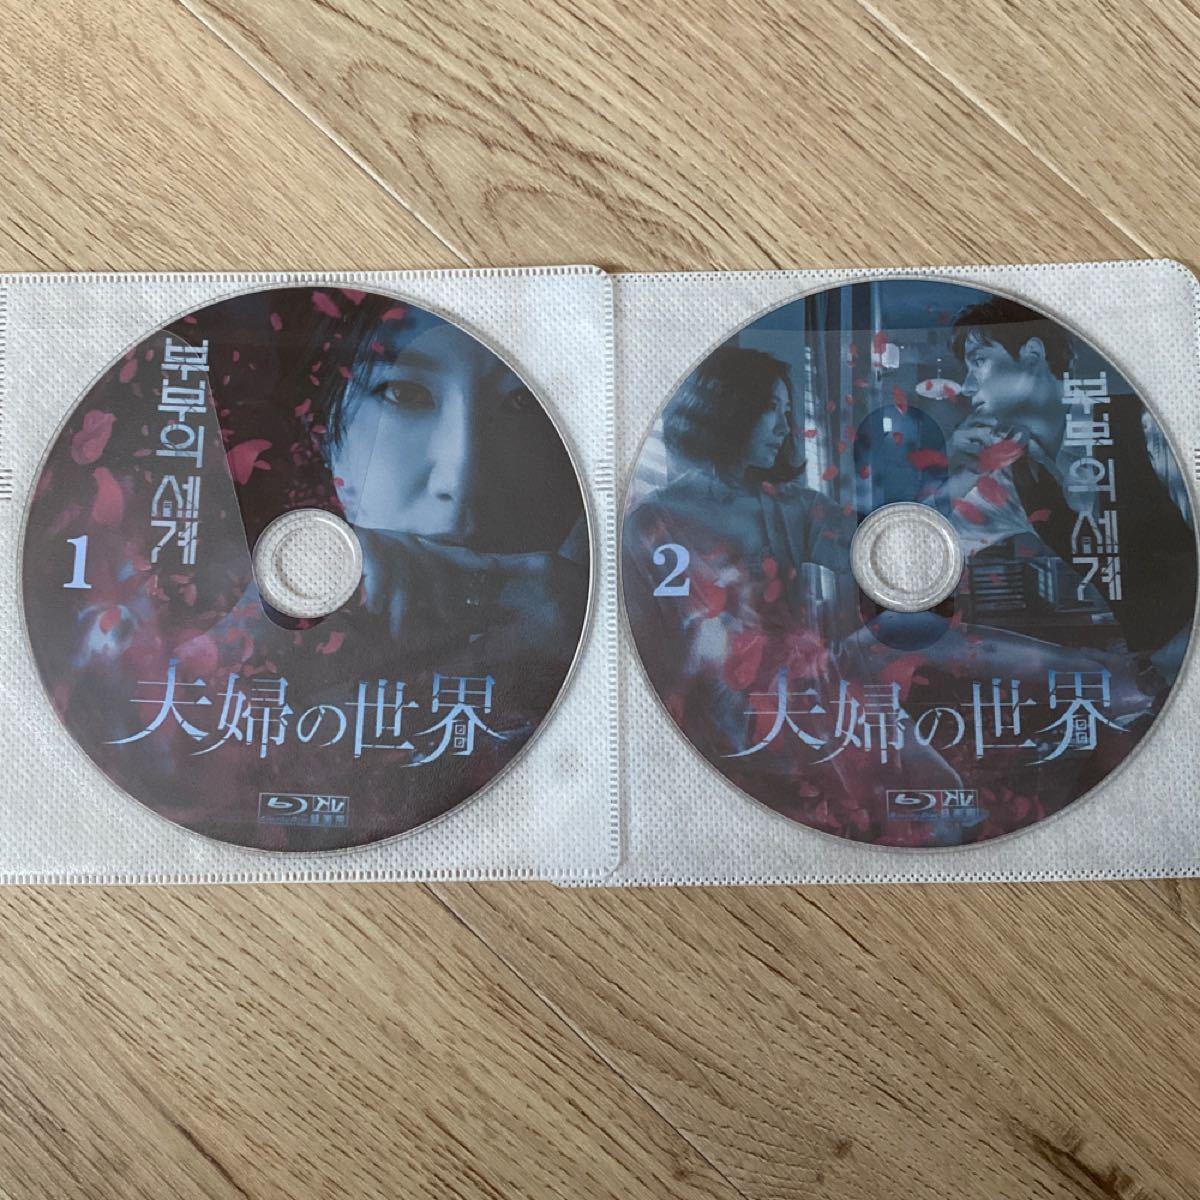 韓国ドラマ『夫婦の世界』Blu-ray